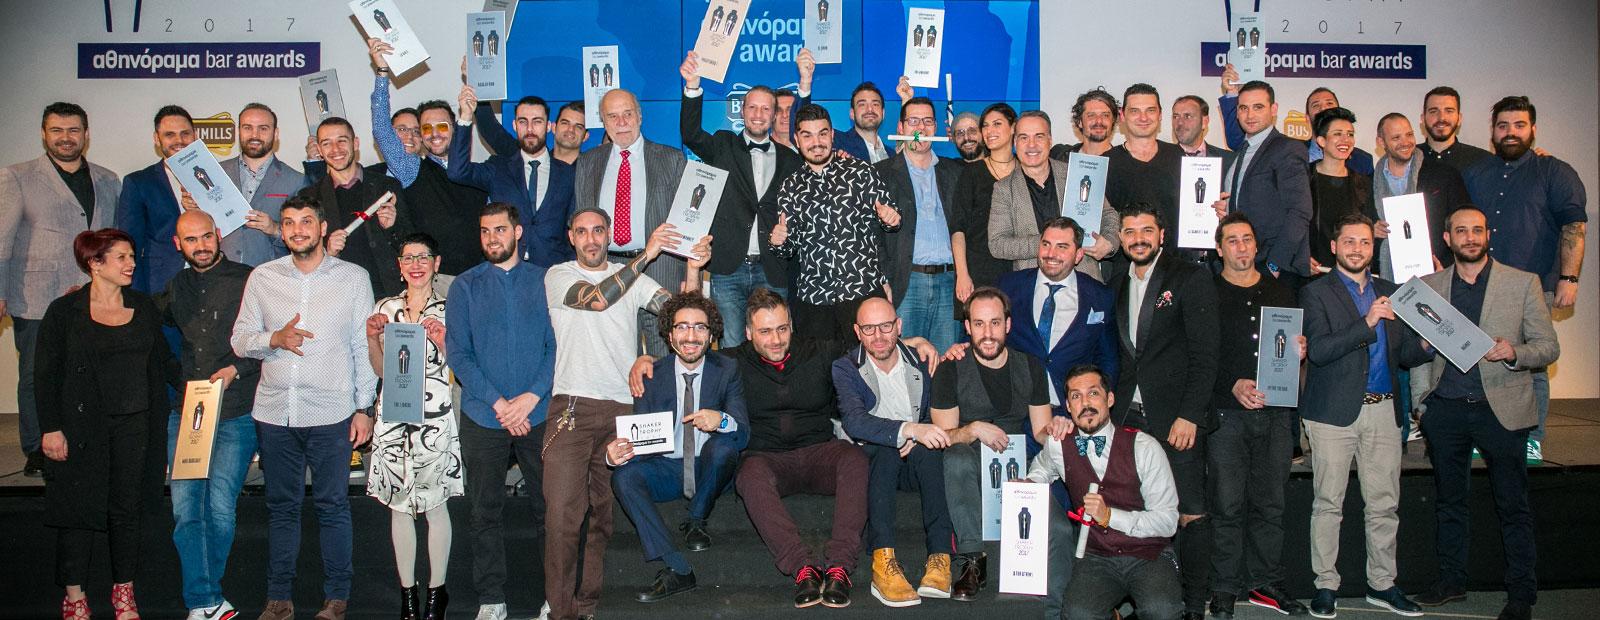 Τα καλύτερα μπαρ της Ελλάδας για το 2017